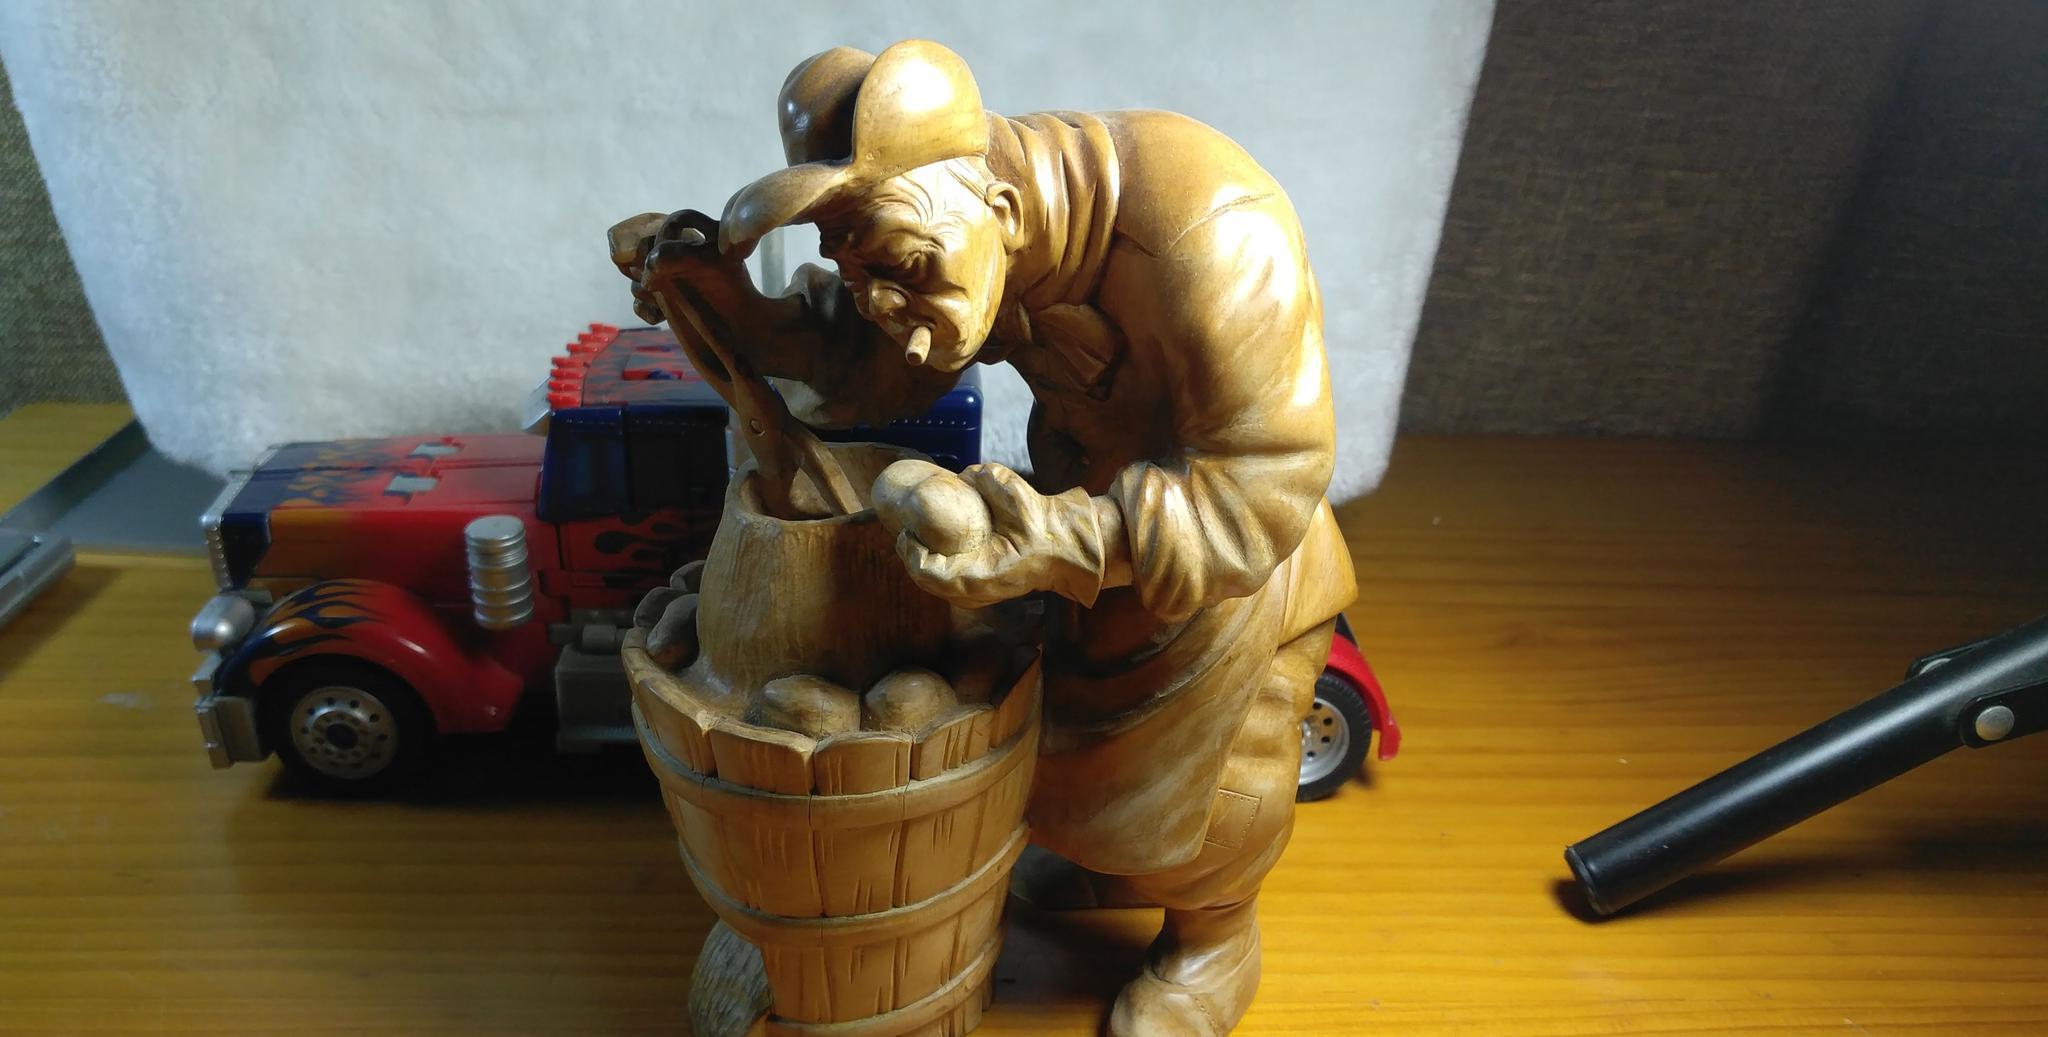 黄杨木雕:烤红薯的老人,香烟一叼,专注的神情有模有样